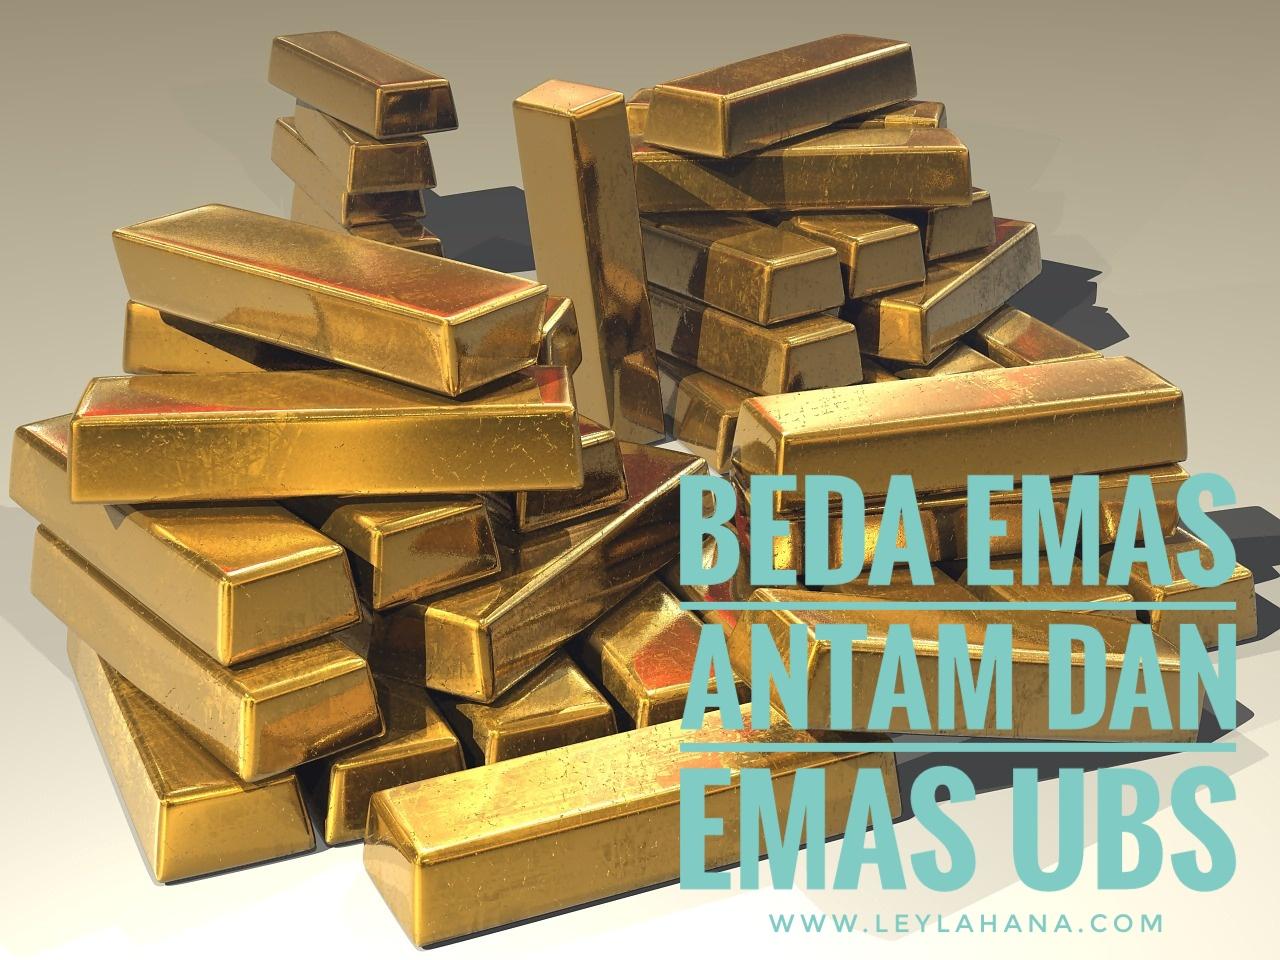 Jual Emas Antam Mengetahui Perbedaan Emas Antam Dan Emas Ubs